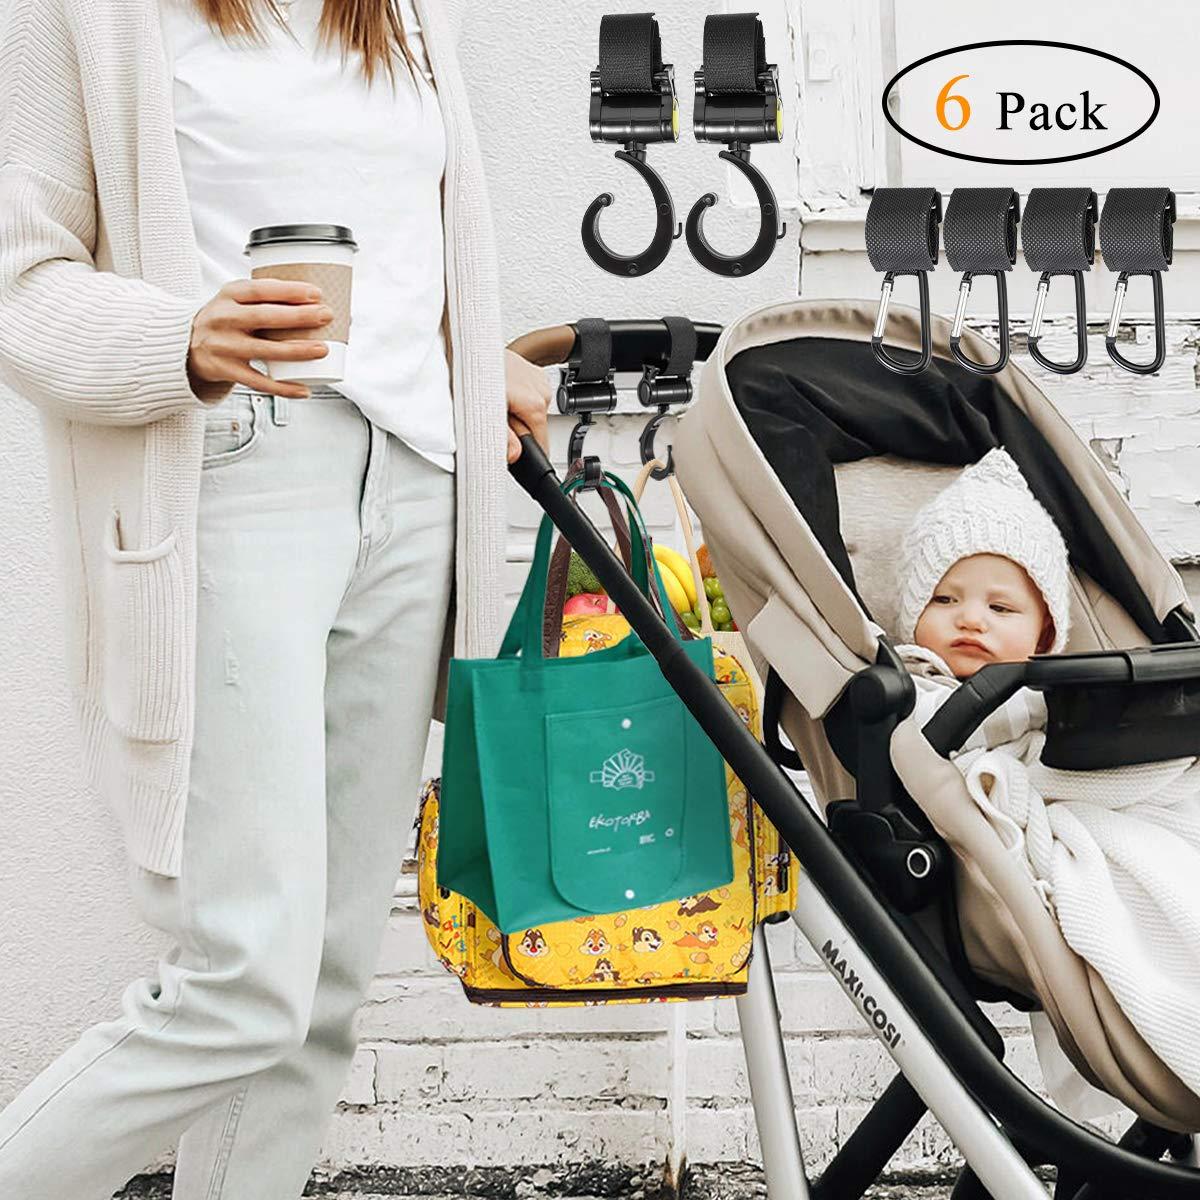 Kinderwagen Haken Taschenhaken Anh/änger f/ür Kinderwagen 6 St/ück mit Klettverschluss zum Befestigen am Kinderwagen Universale Passform